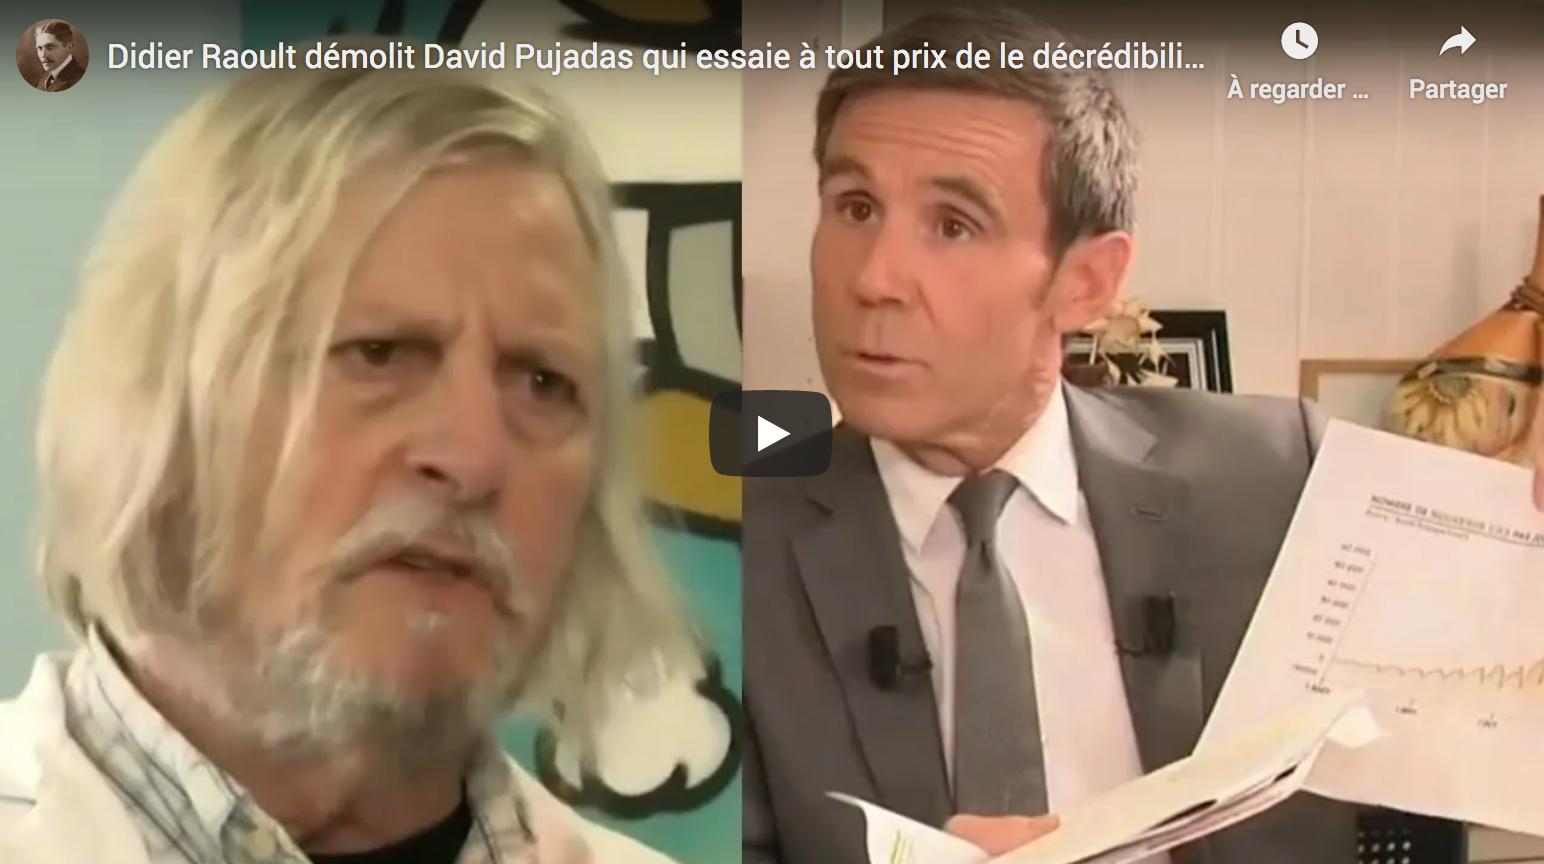 Didier Raoult démolit David Pujadas qui essaie à tout prix de le décrédibiliser (Entretien intégral)